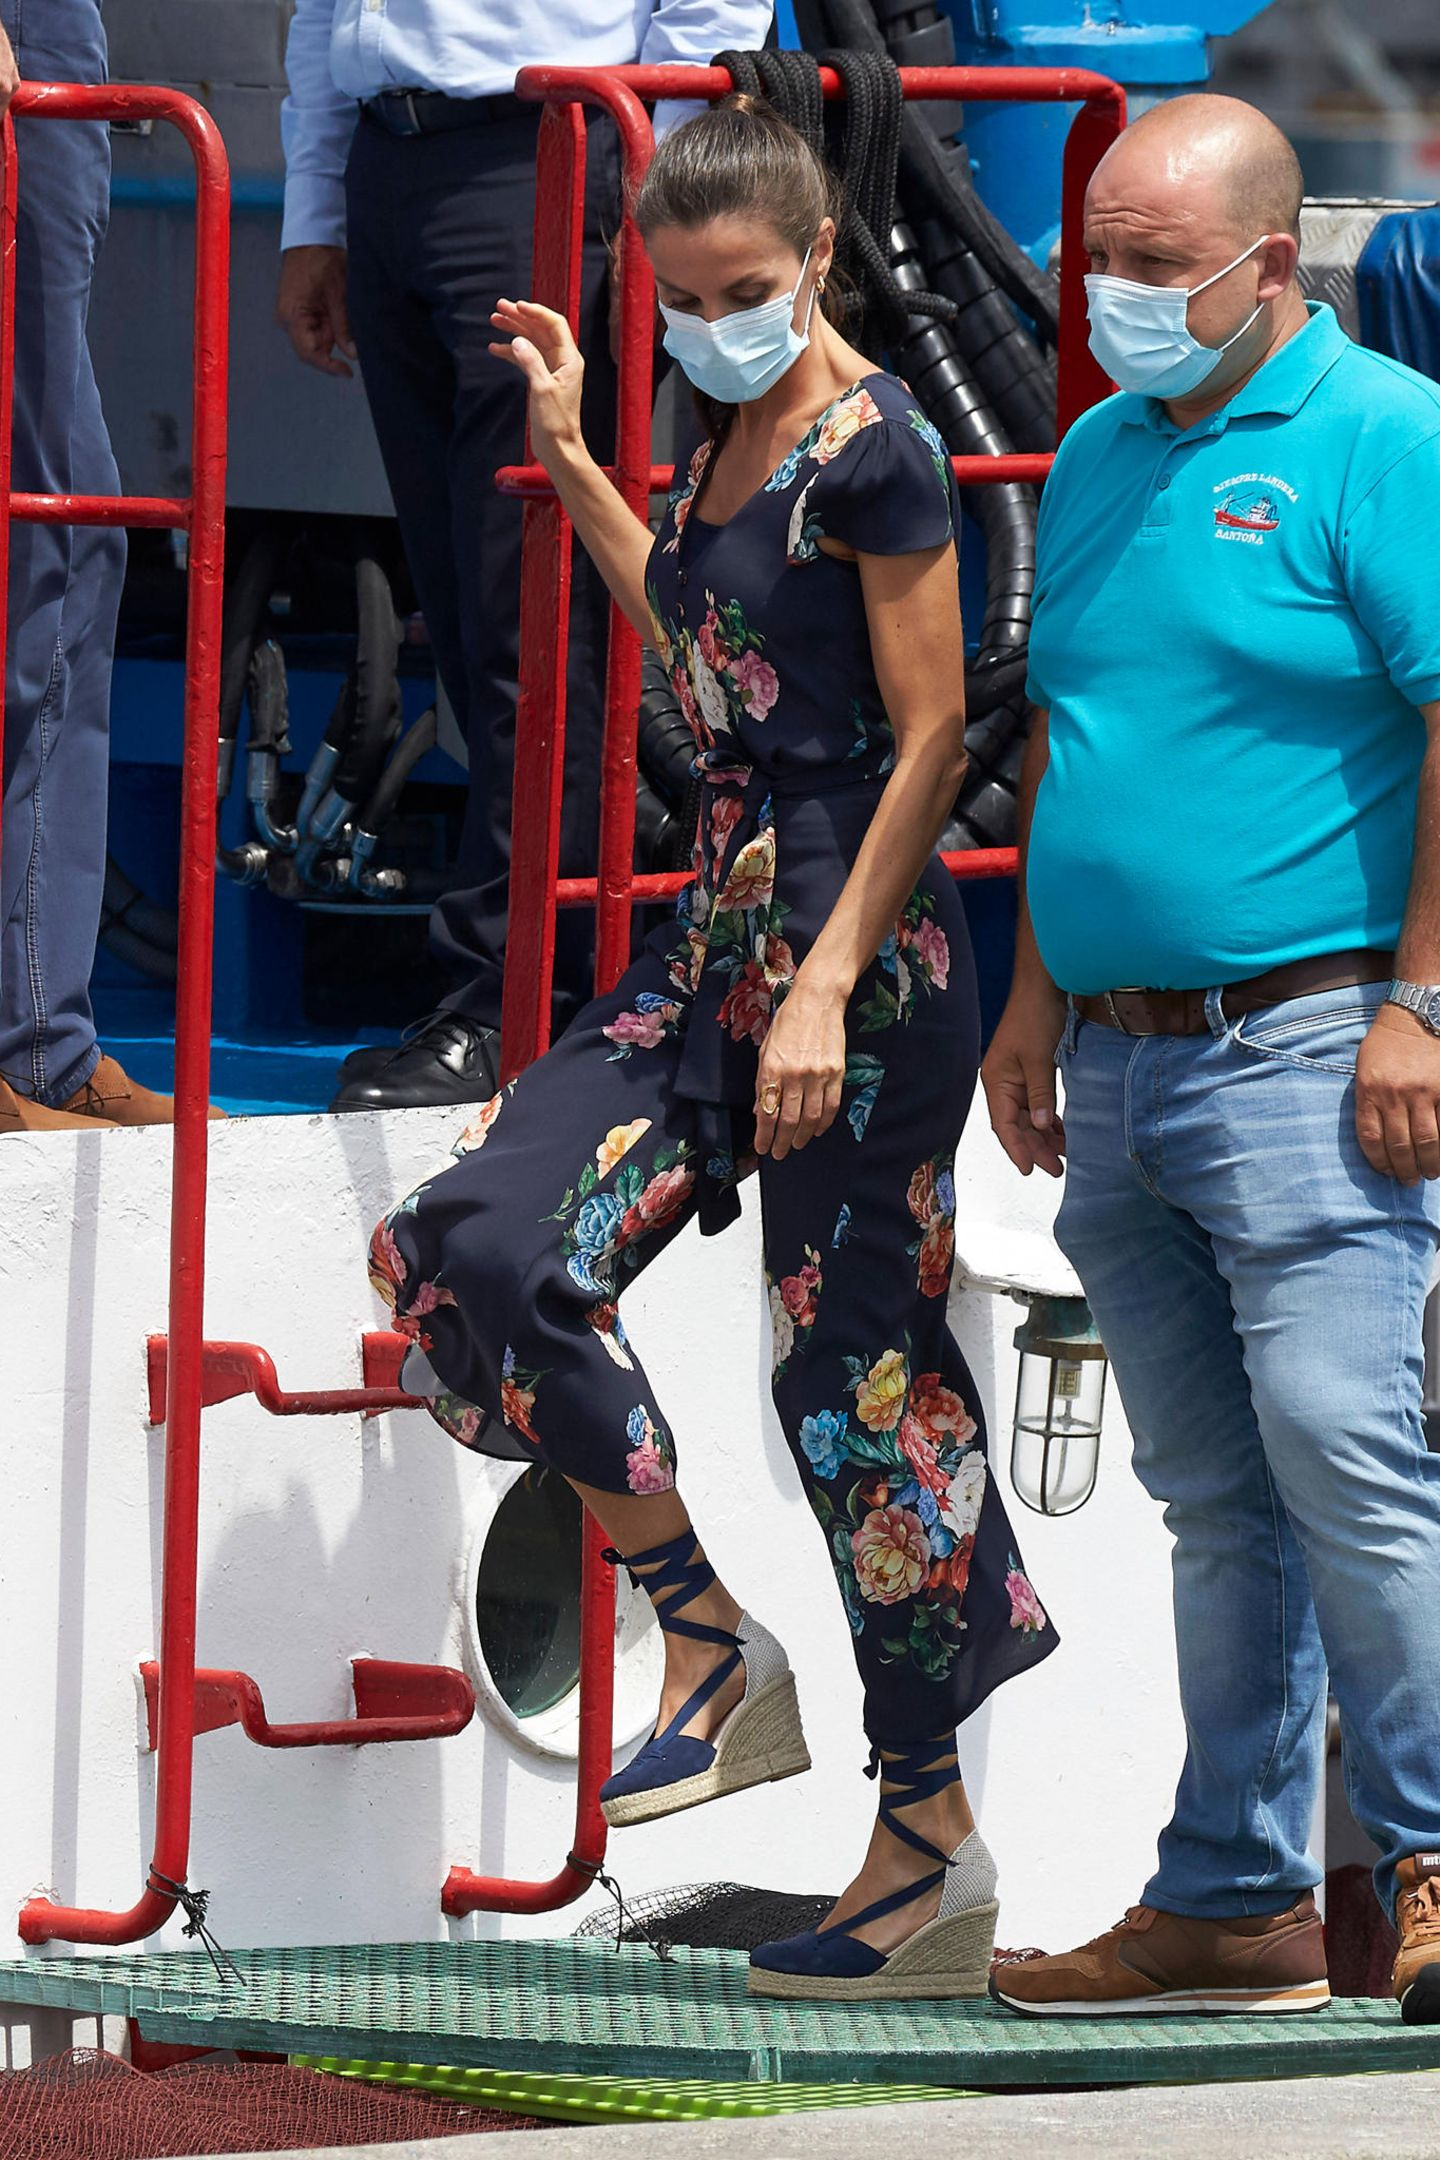 Der Jumpsuit des Labels Uterqüe stellt sich auch als praktisch heraus, als Königin Letizia auf einen Kutter steigt. Ihre Espadrilles von Macarena geben ihr hierbei genügend Halt und sind noch dazu ein schicker Hingucker.